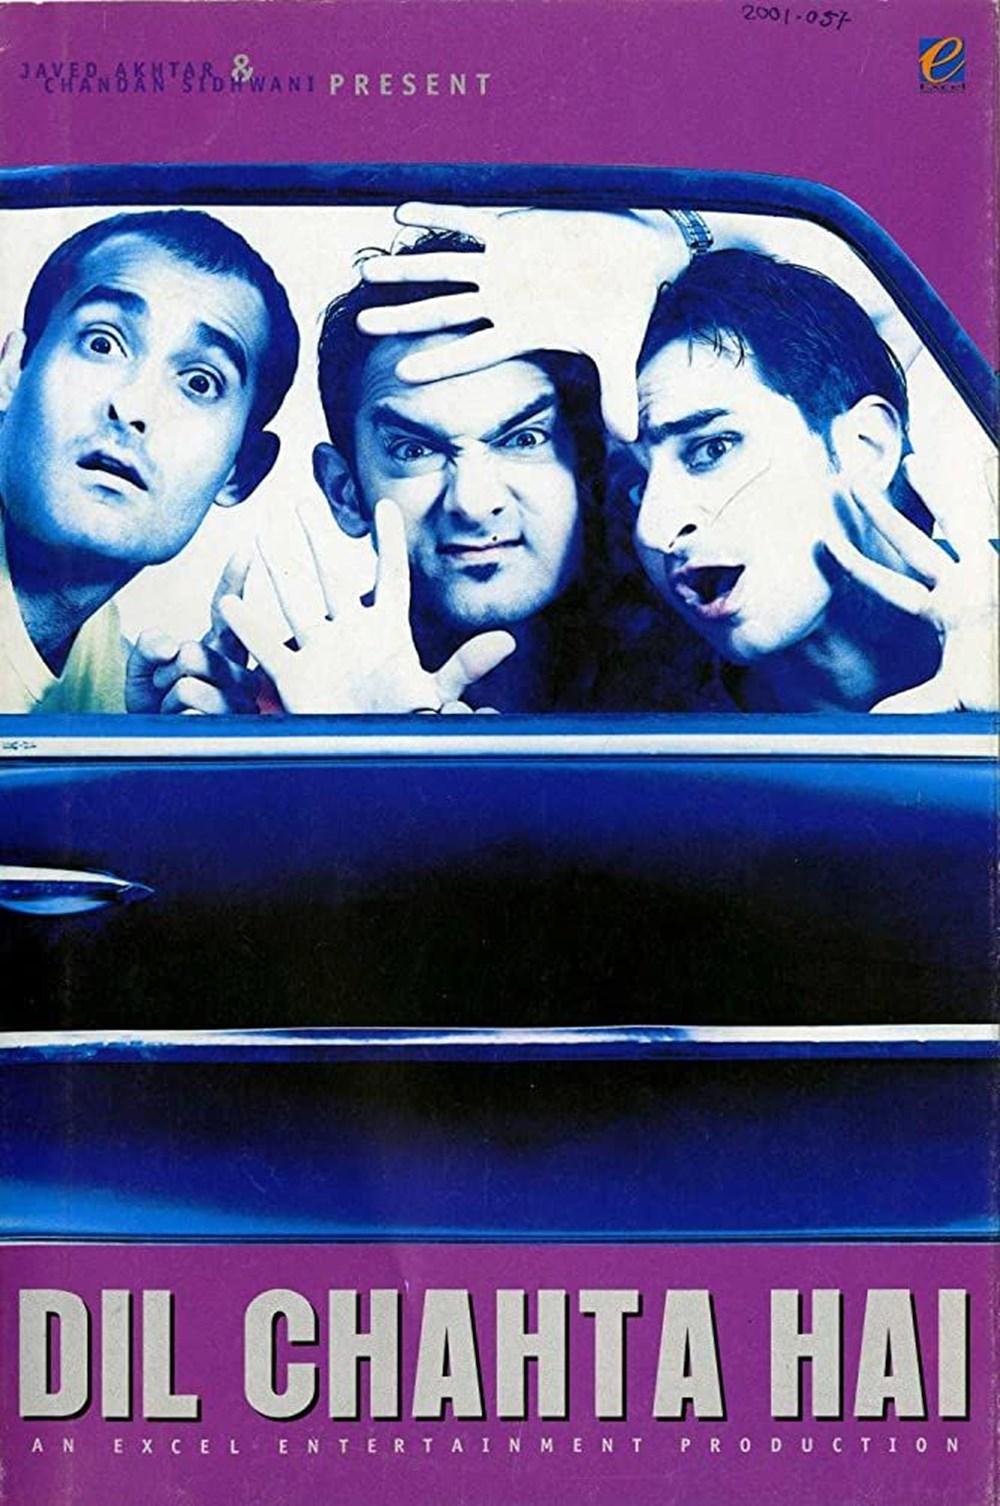 En iyi Aamir Khan filmleri (Aamir Khan'ın izlenmesi gereken filmleri) - 21